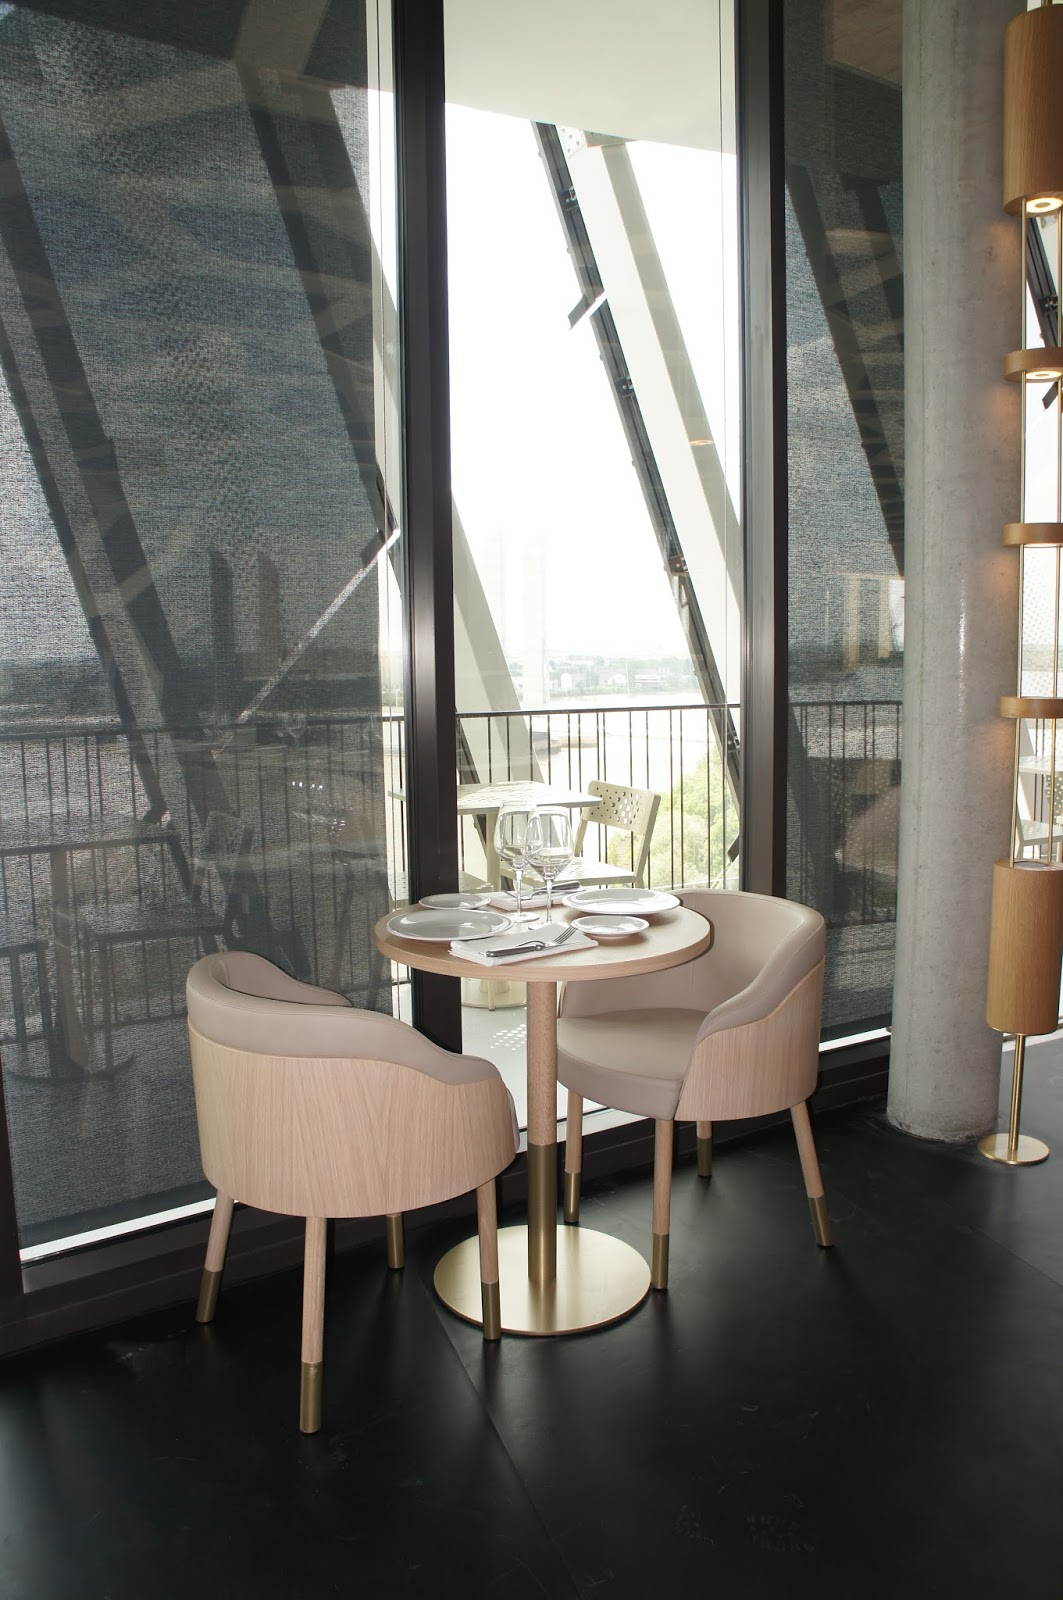 Upper End Travel: La Cité du Vin, Bordeaux, France, Opens Its ...